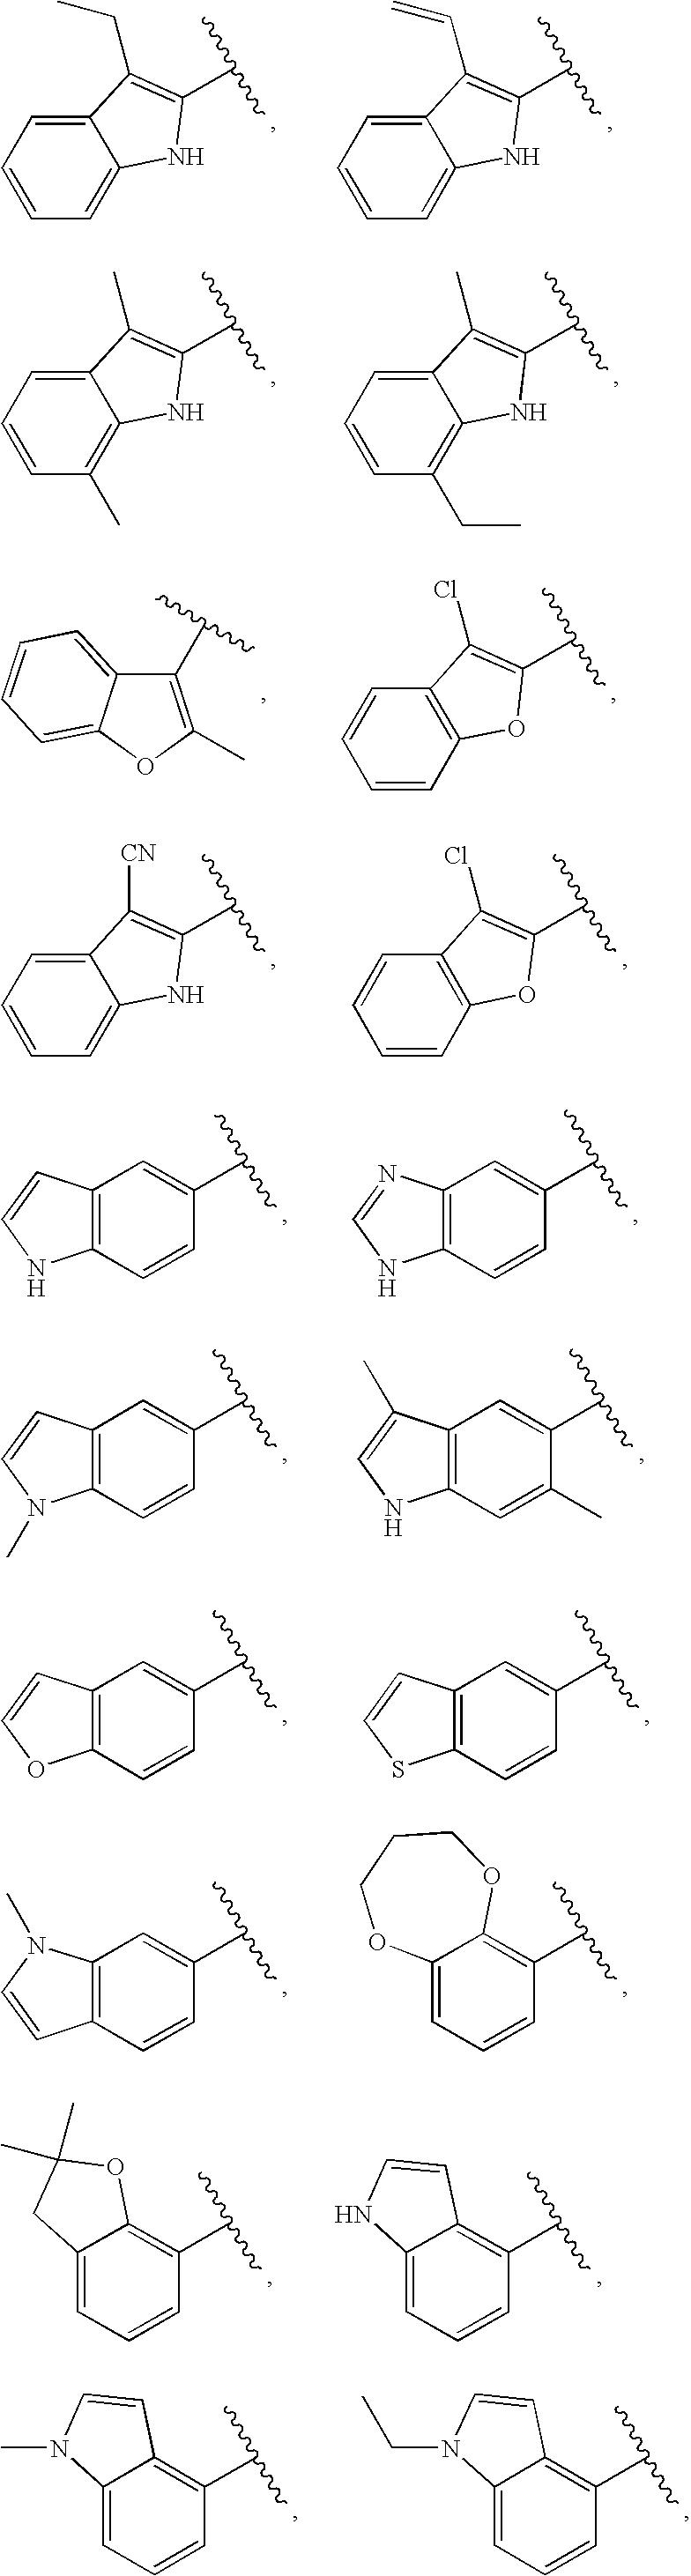 Figure US08450307-20130528-C00357